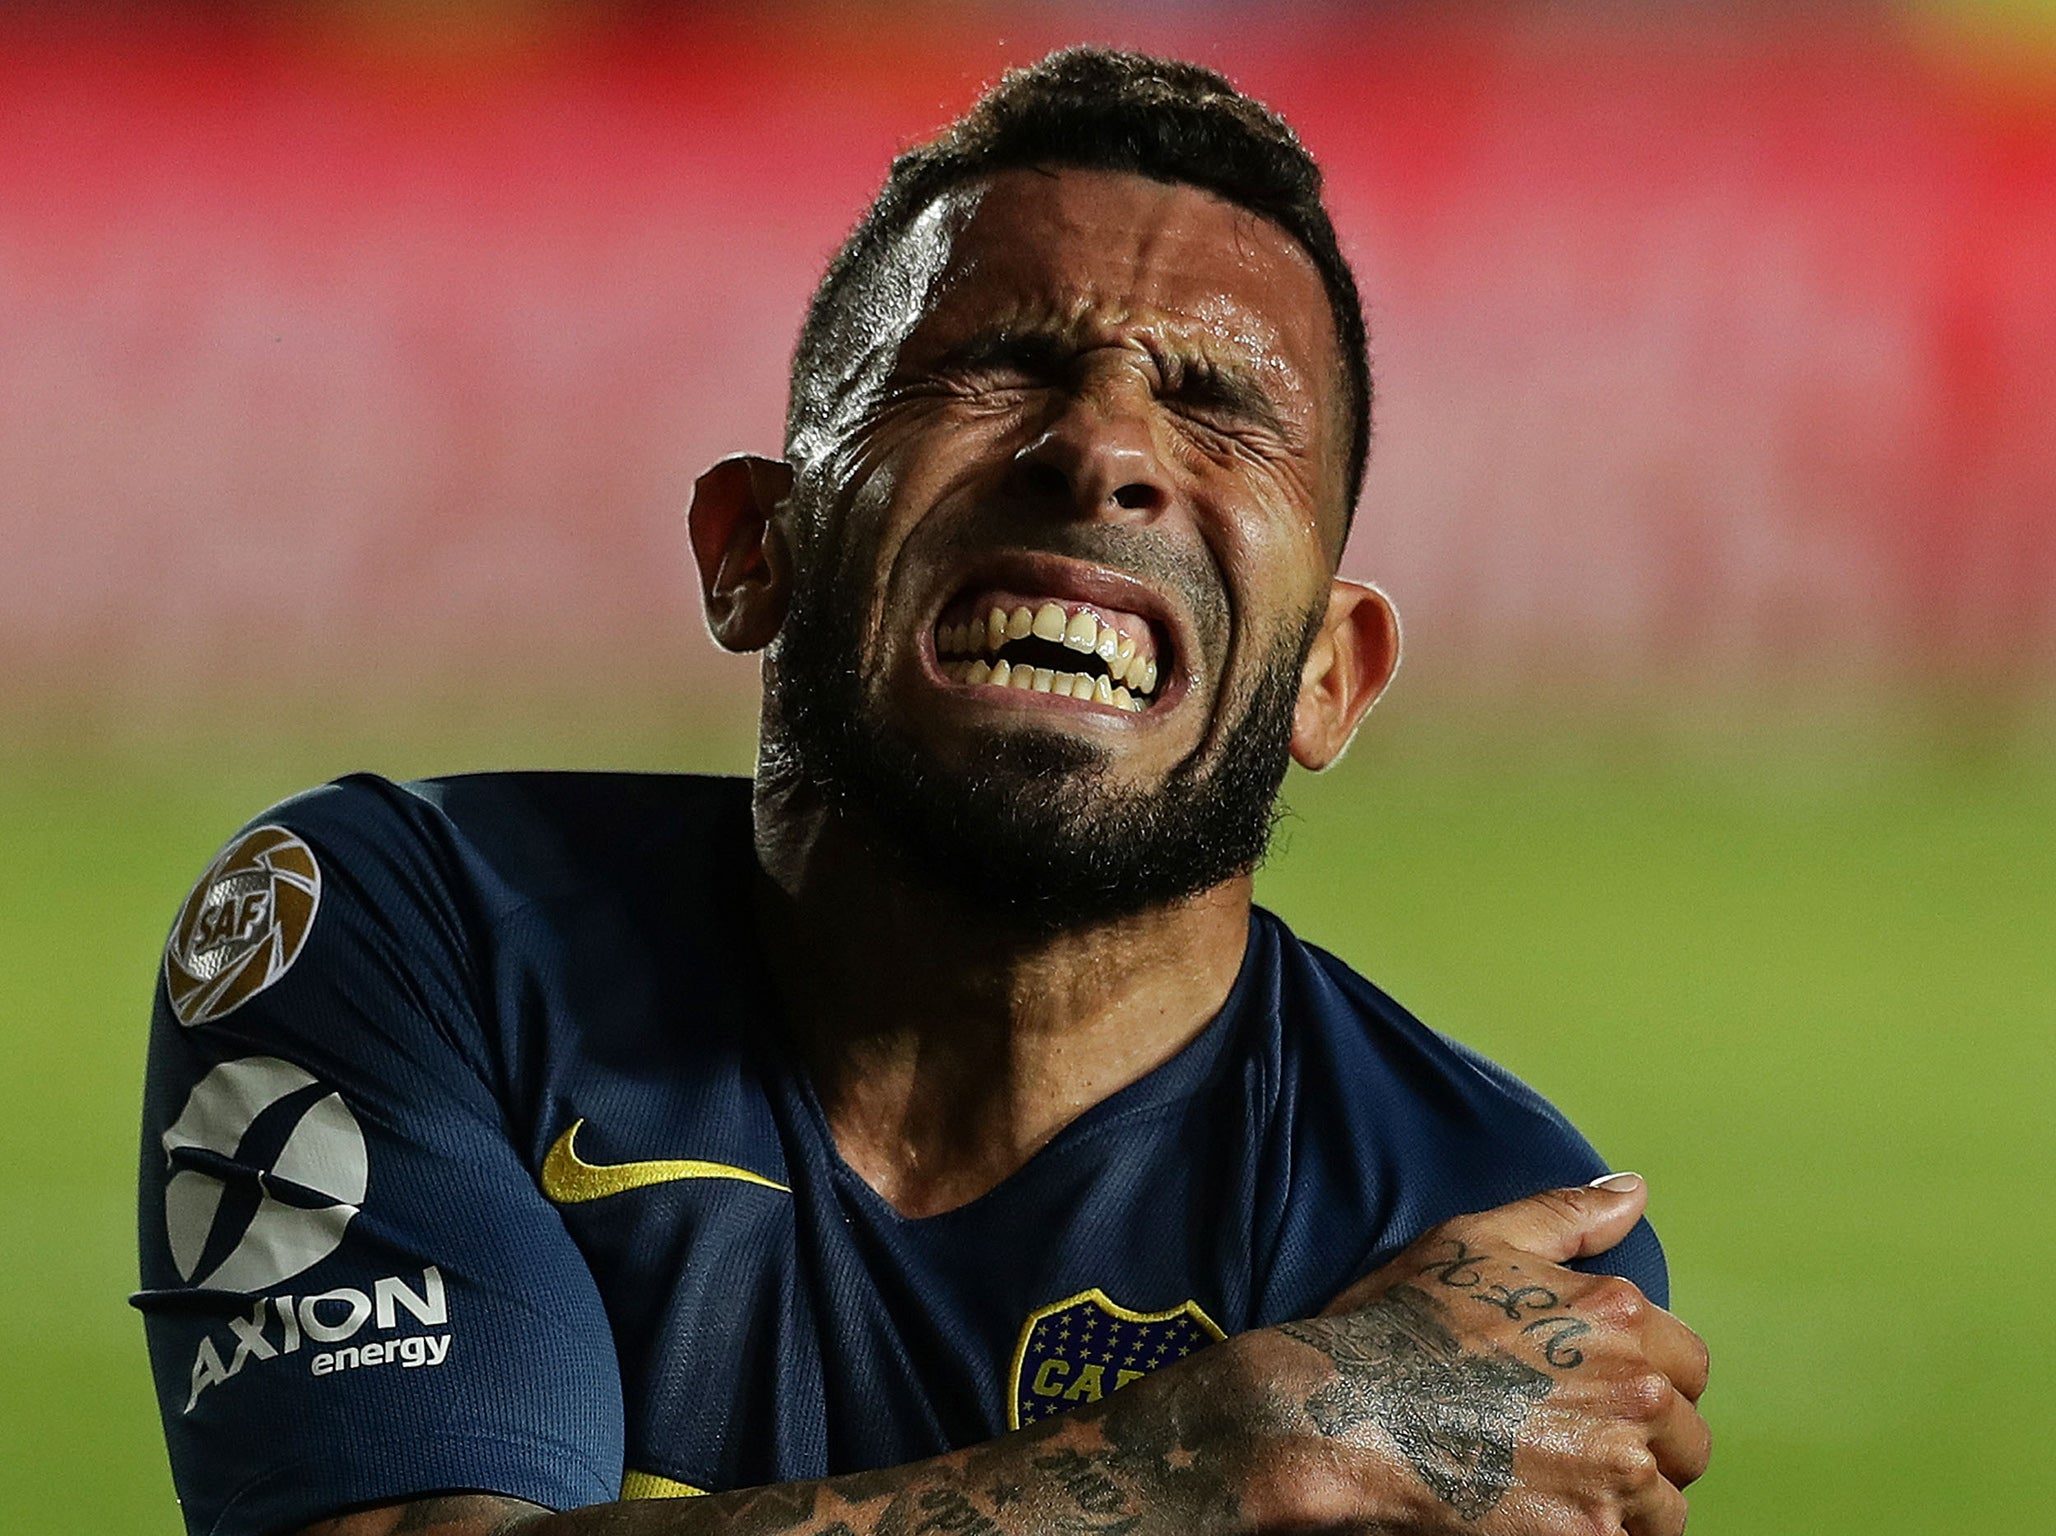 copa libertadores final 2018 carlos tevez says boca not in